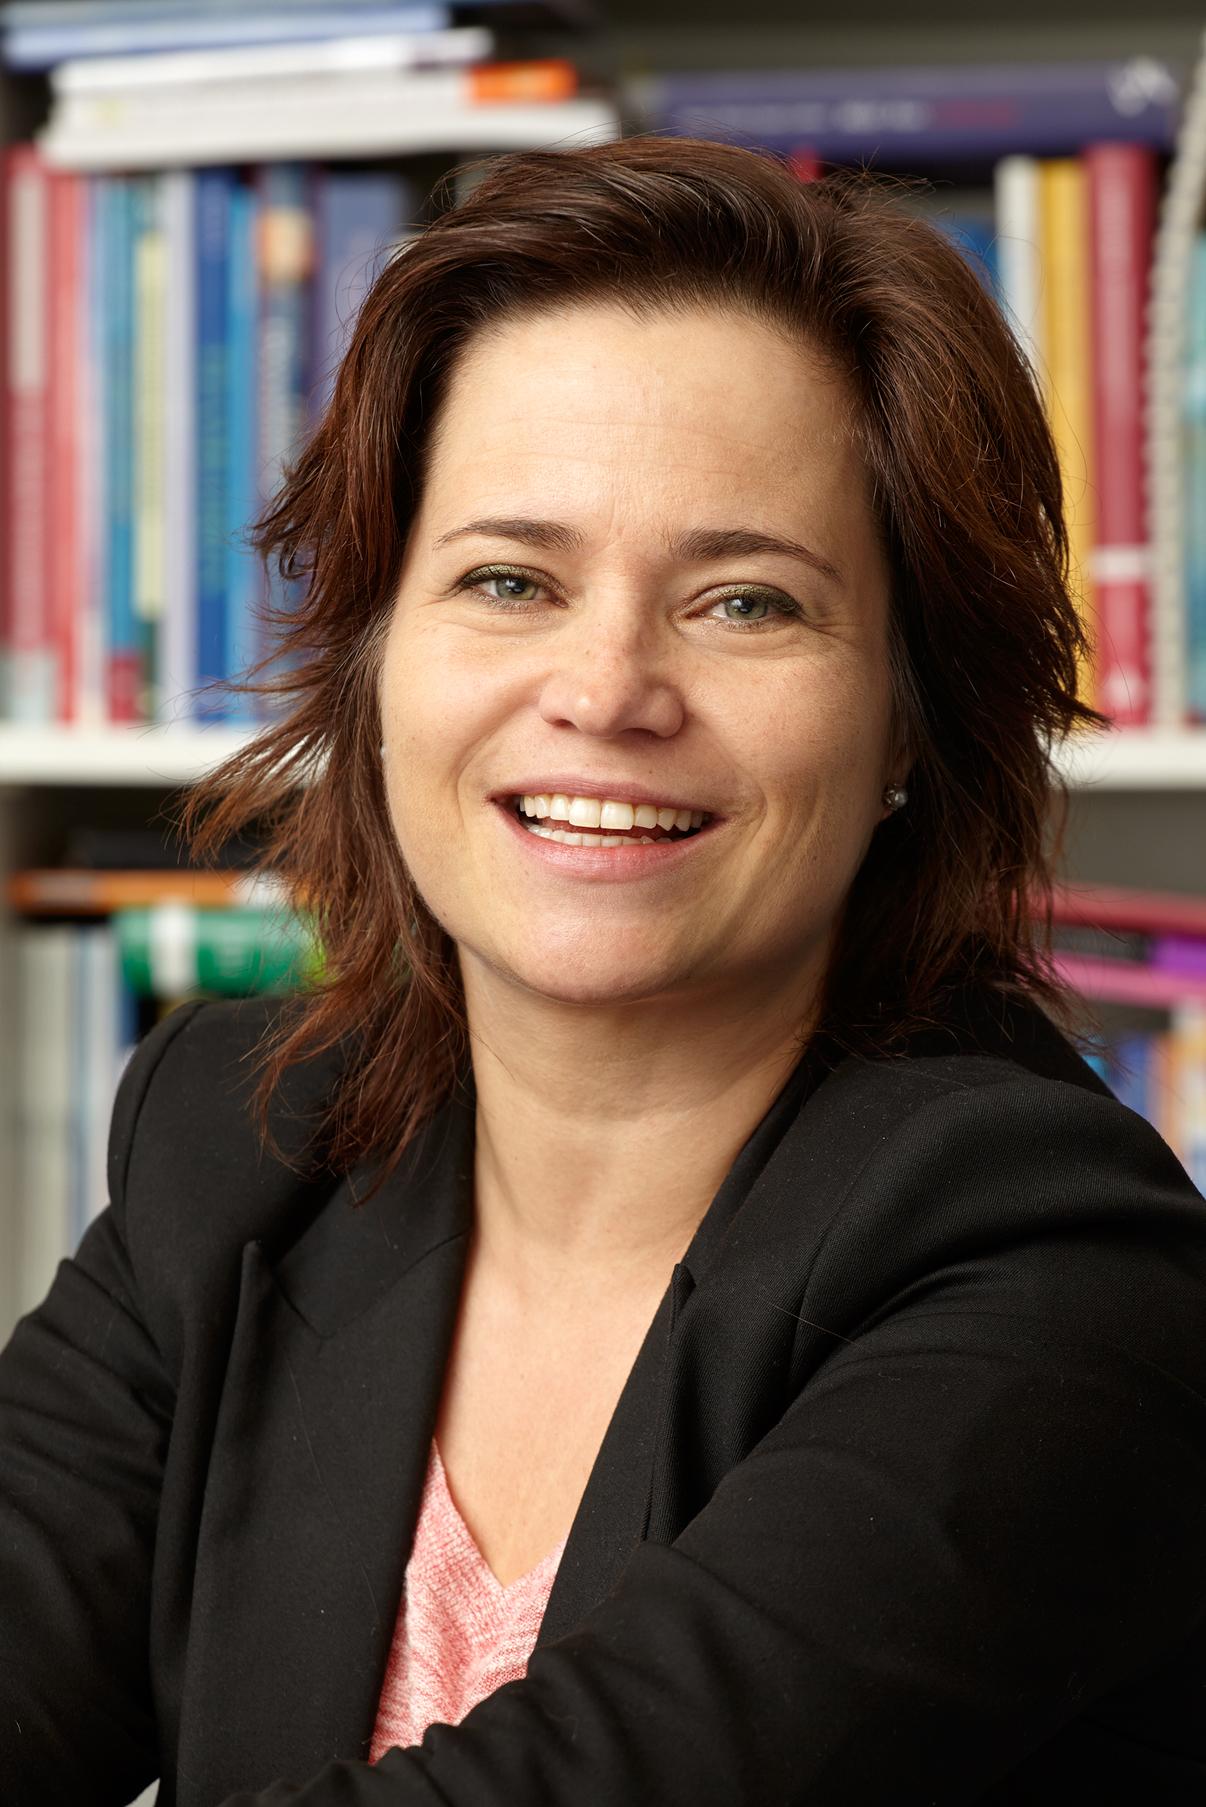 Astrid Venes